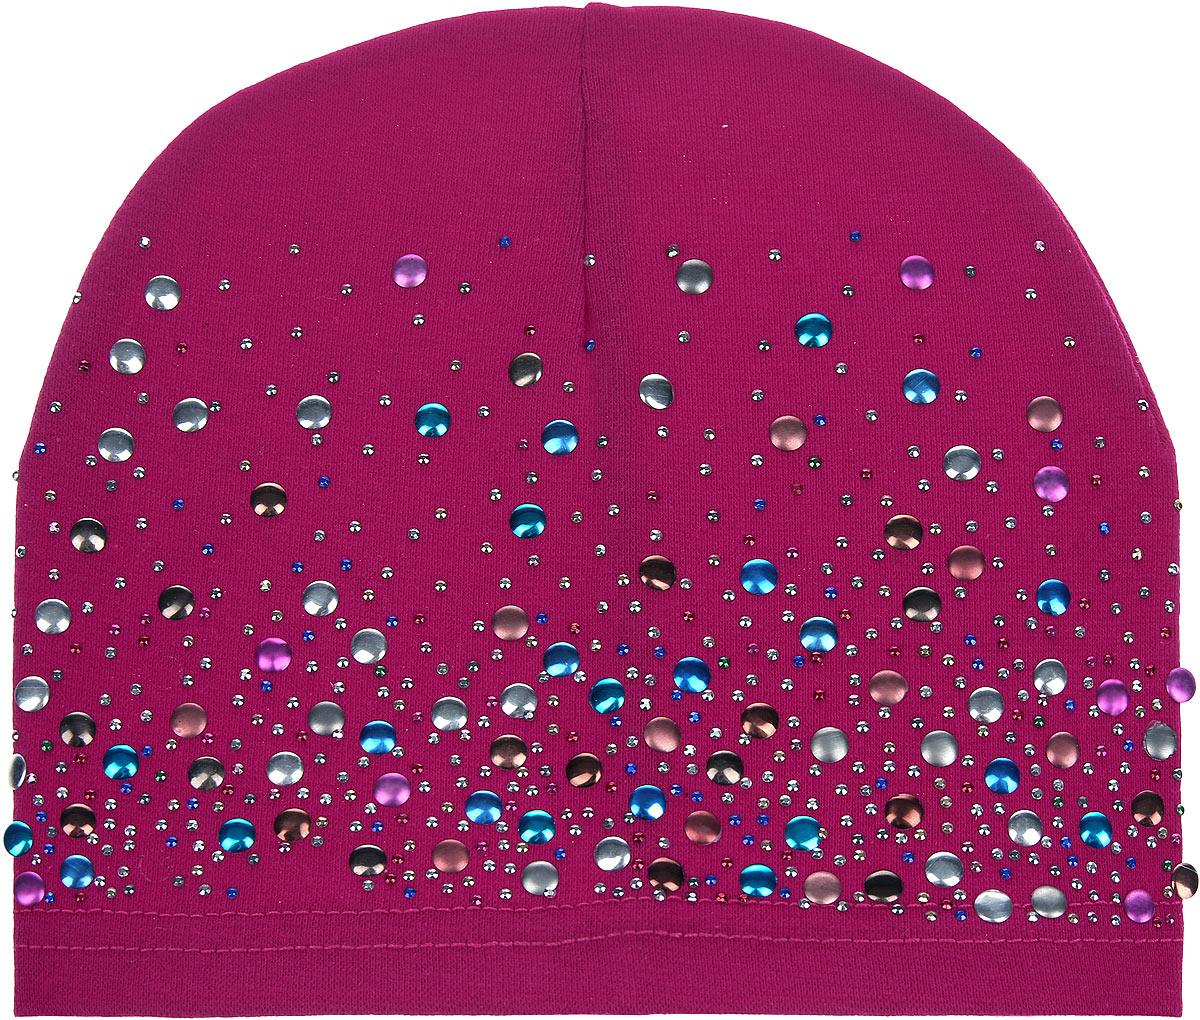 Шапка для девочки. H153-22H153-22_1Шапка для девочки InFante станет стильным дополнением к детскому гардеробу. Она выполнена из 100% хлопка, приятная на ощупь, идеально прилегает к голове. Изделие декорировано металлизированными стразами. Современный дизайн и расцветка делают эту шапку модным детским аксессуаром. В такой шапке ребенок будет чувствовать себя уютно, комфортно и всегда будет в центре внимания!